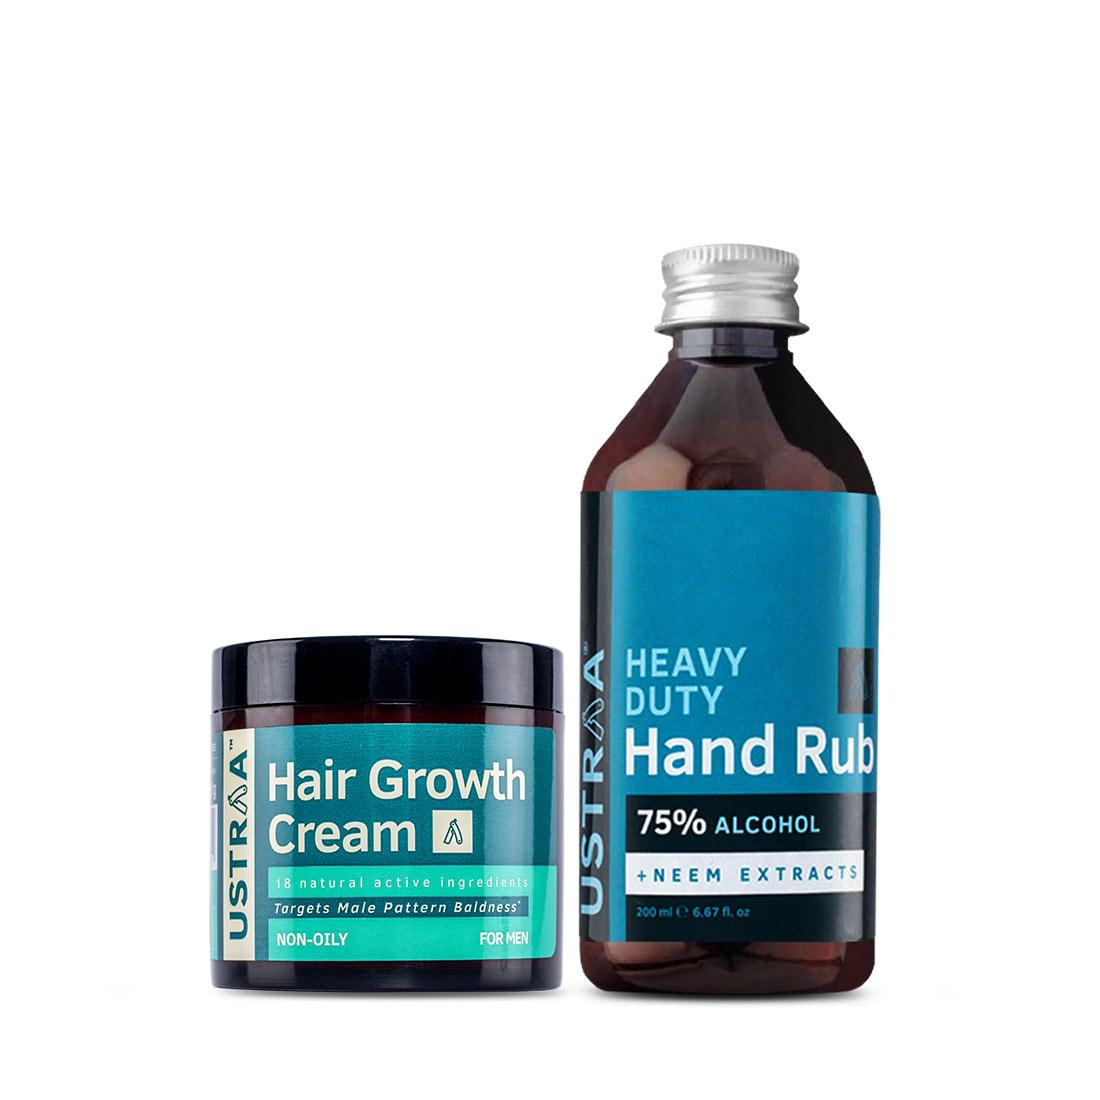 Hair Growth Cream and Hand Rub - 200 ml